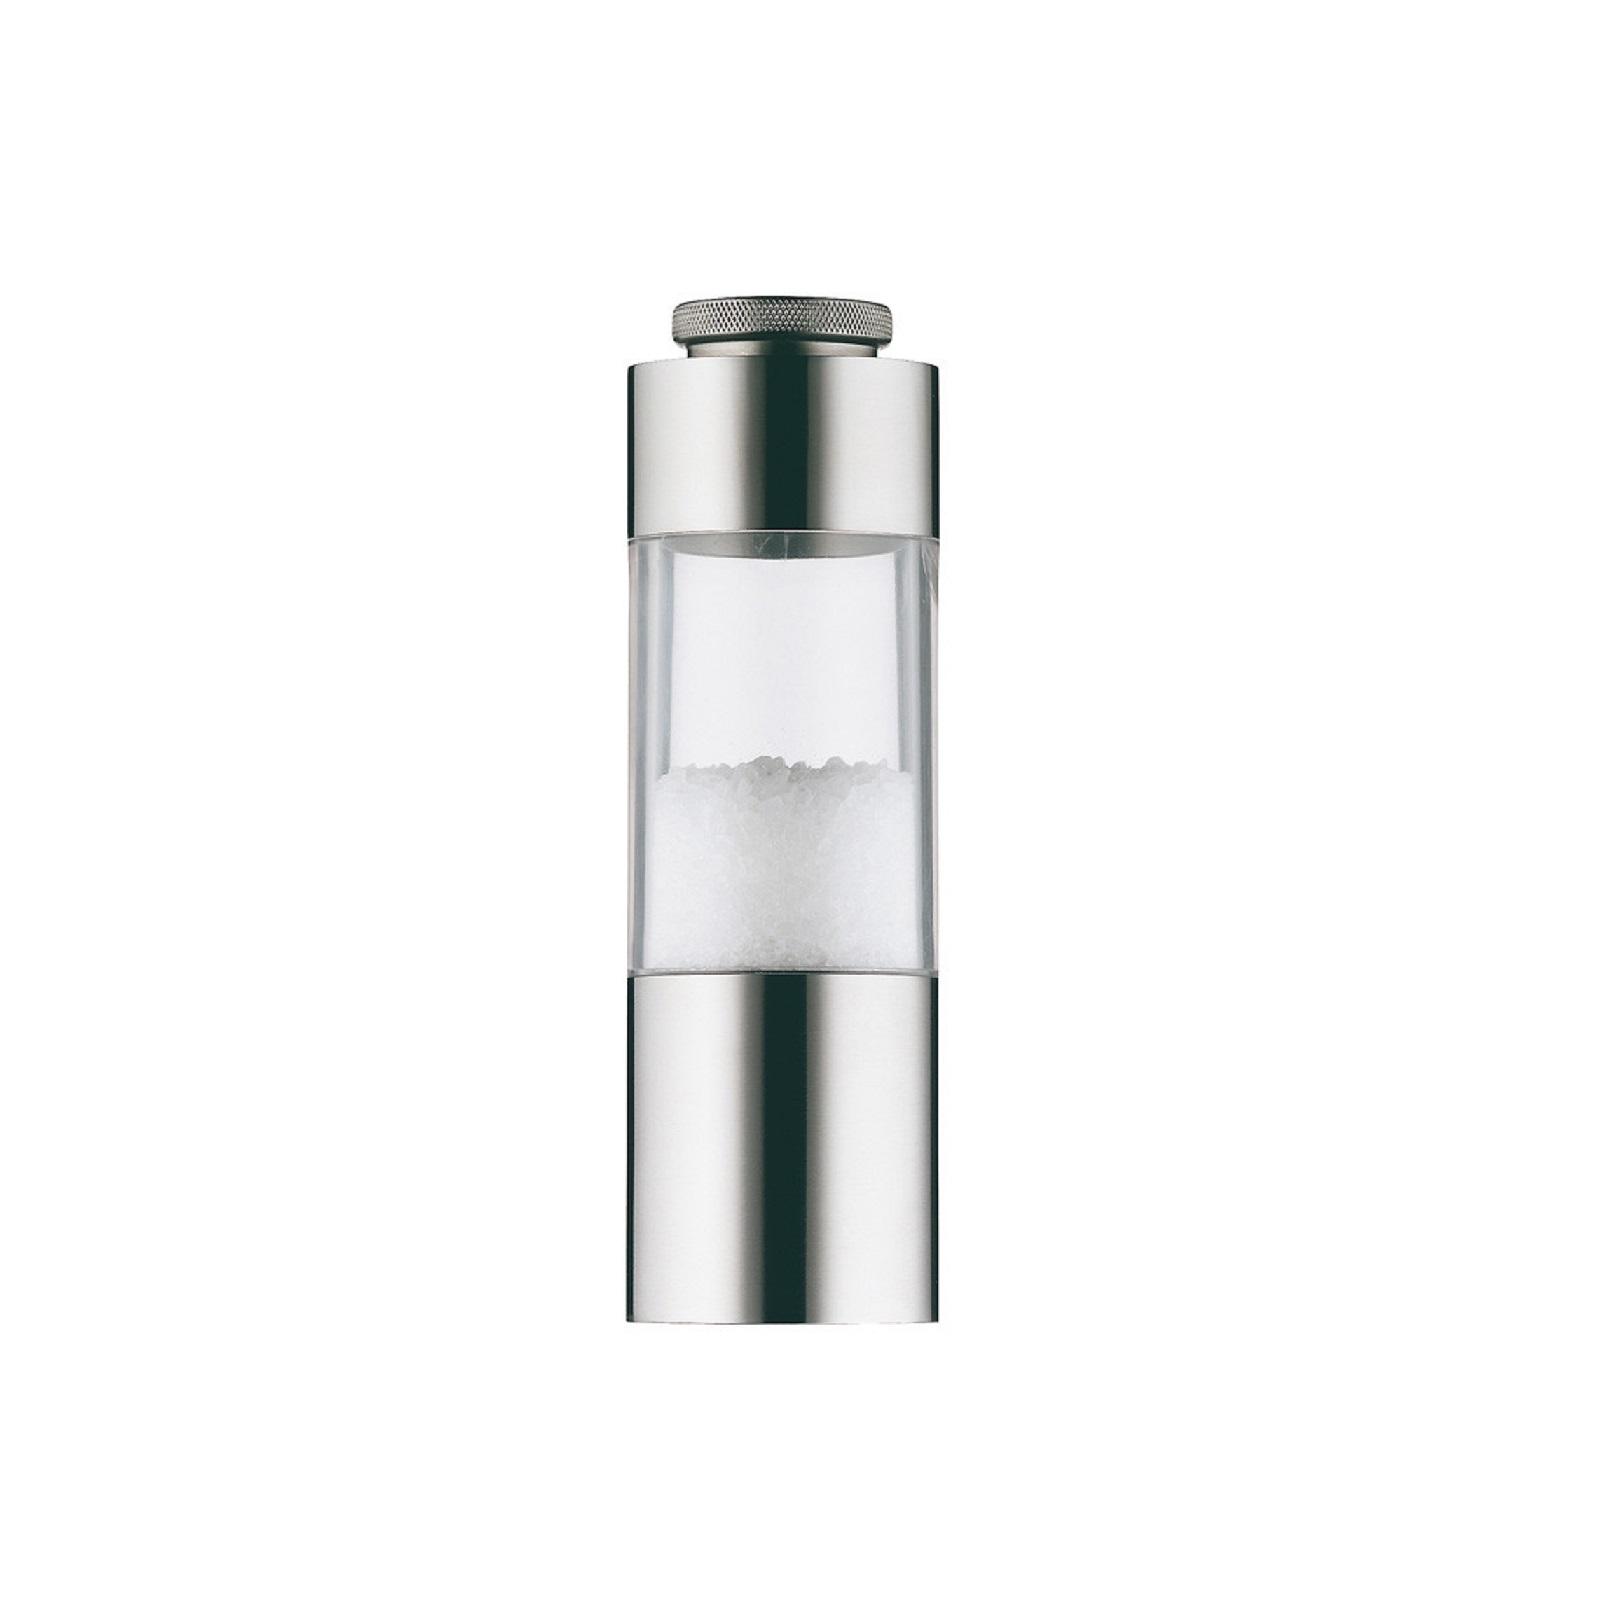 Мельница для соли WMF CERAMILL, высота 16 см, серебристый WMF 06 5467 6040 фото 1